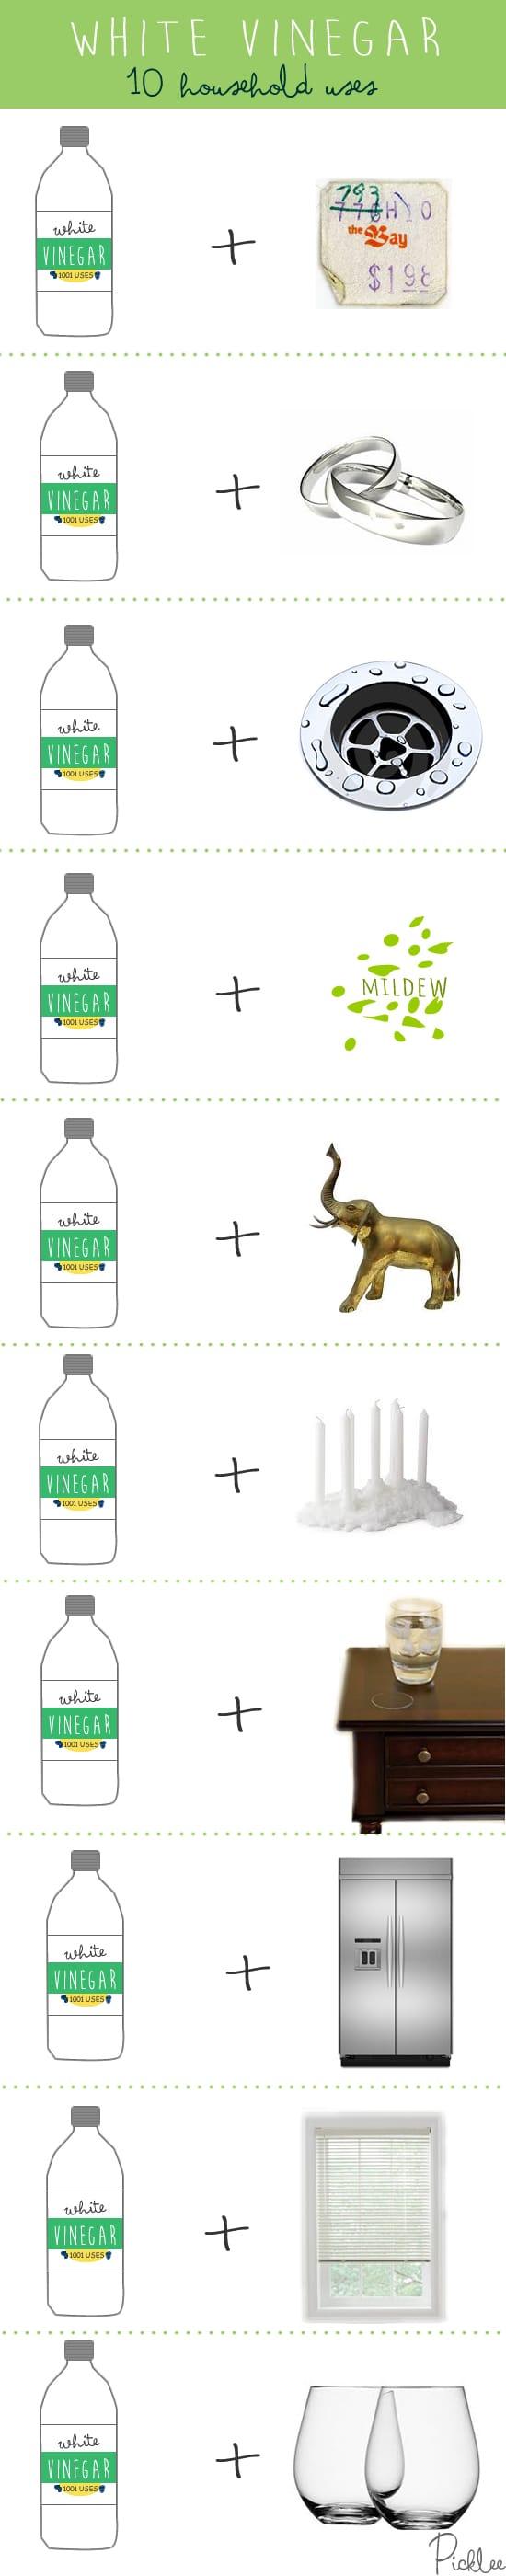 10 household uses for vinegar